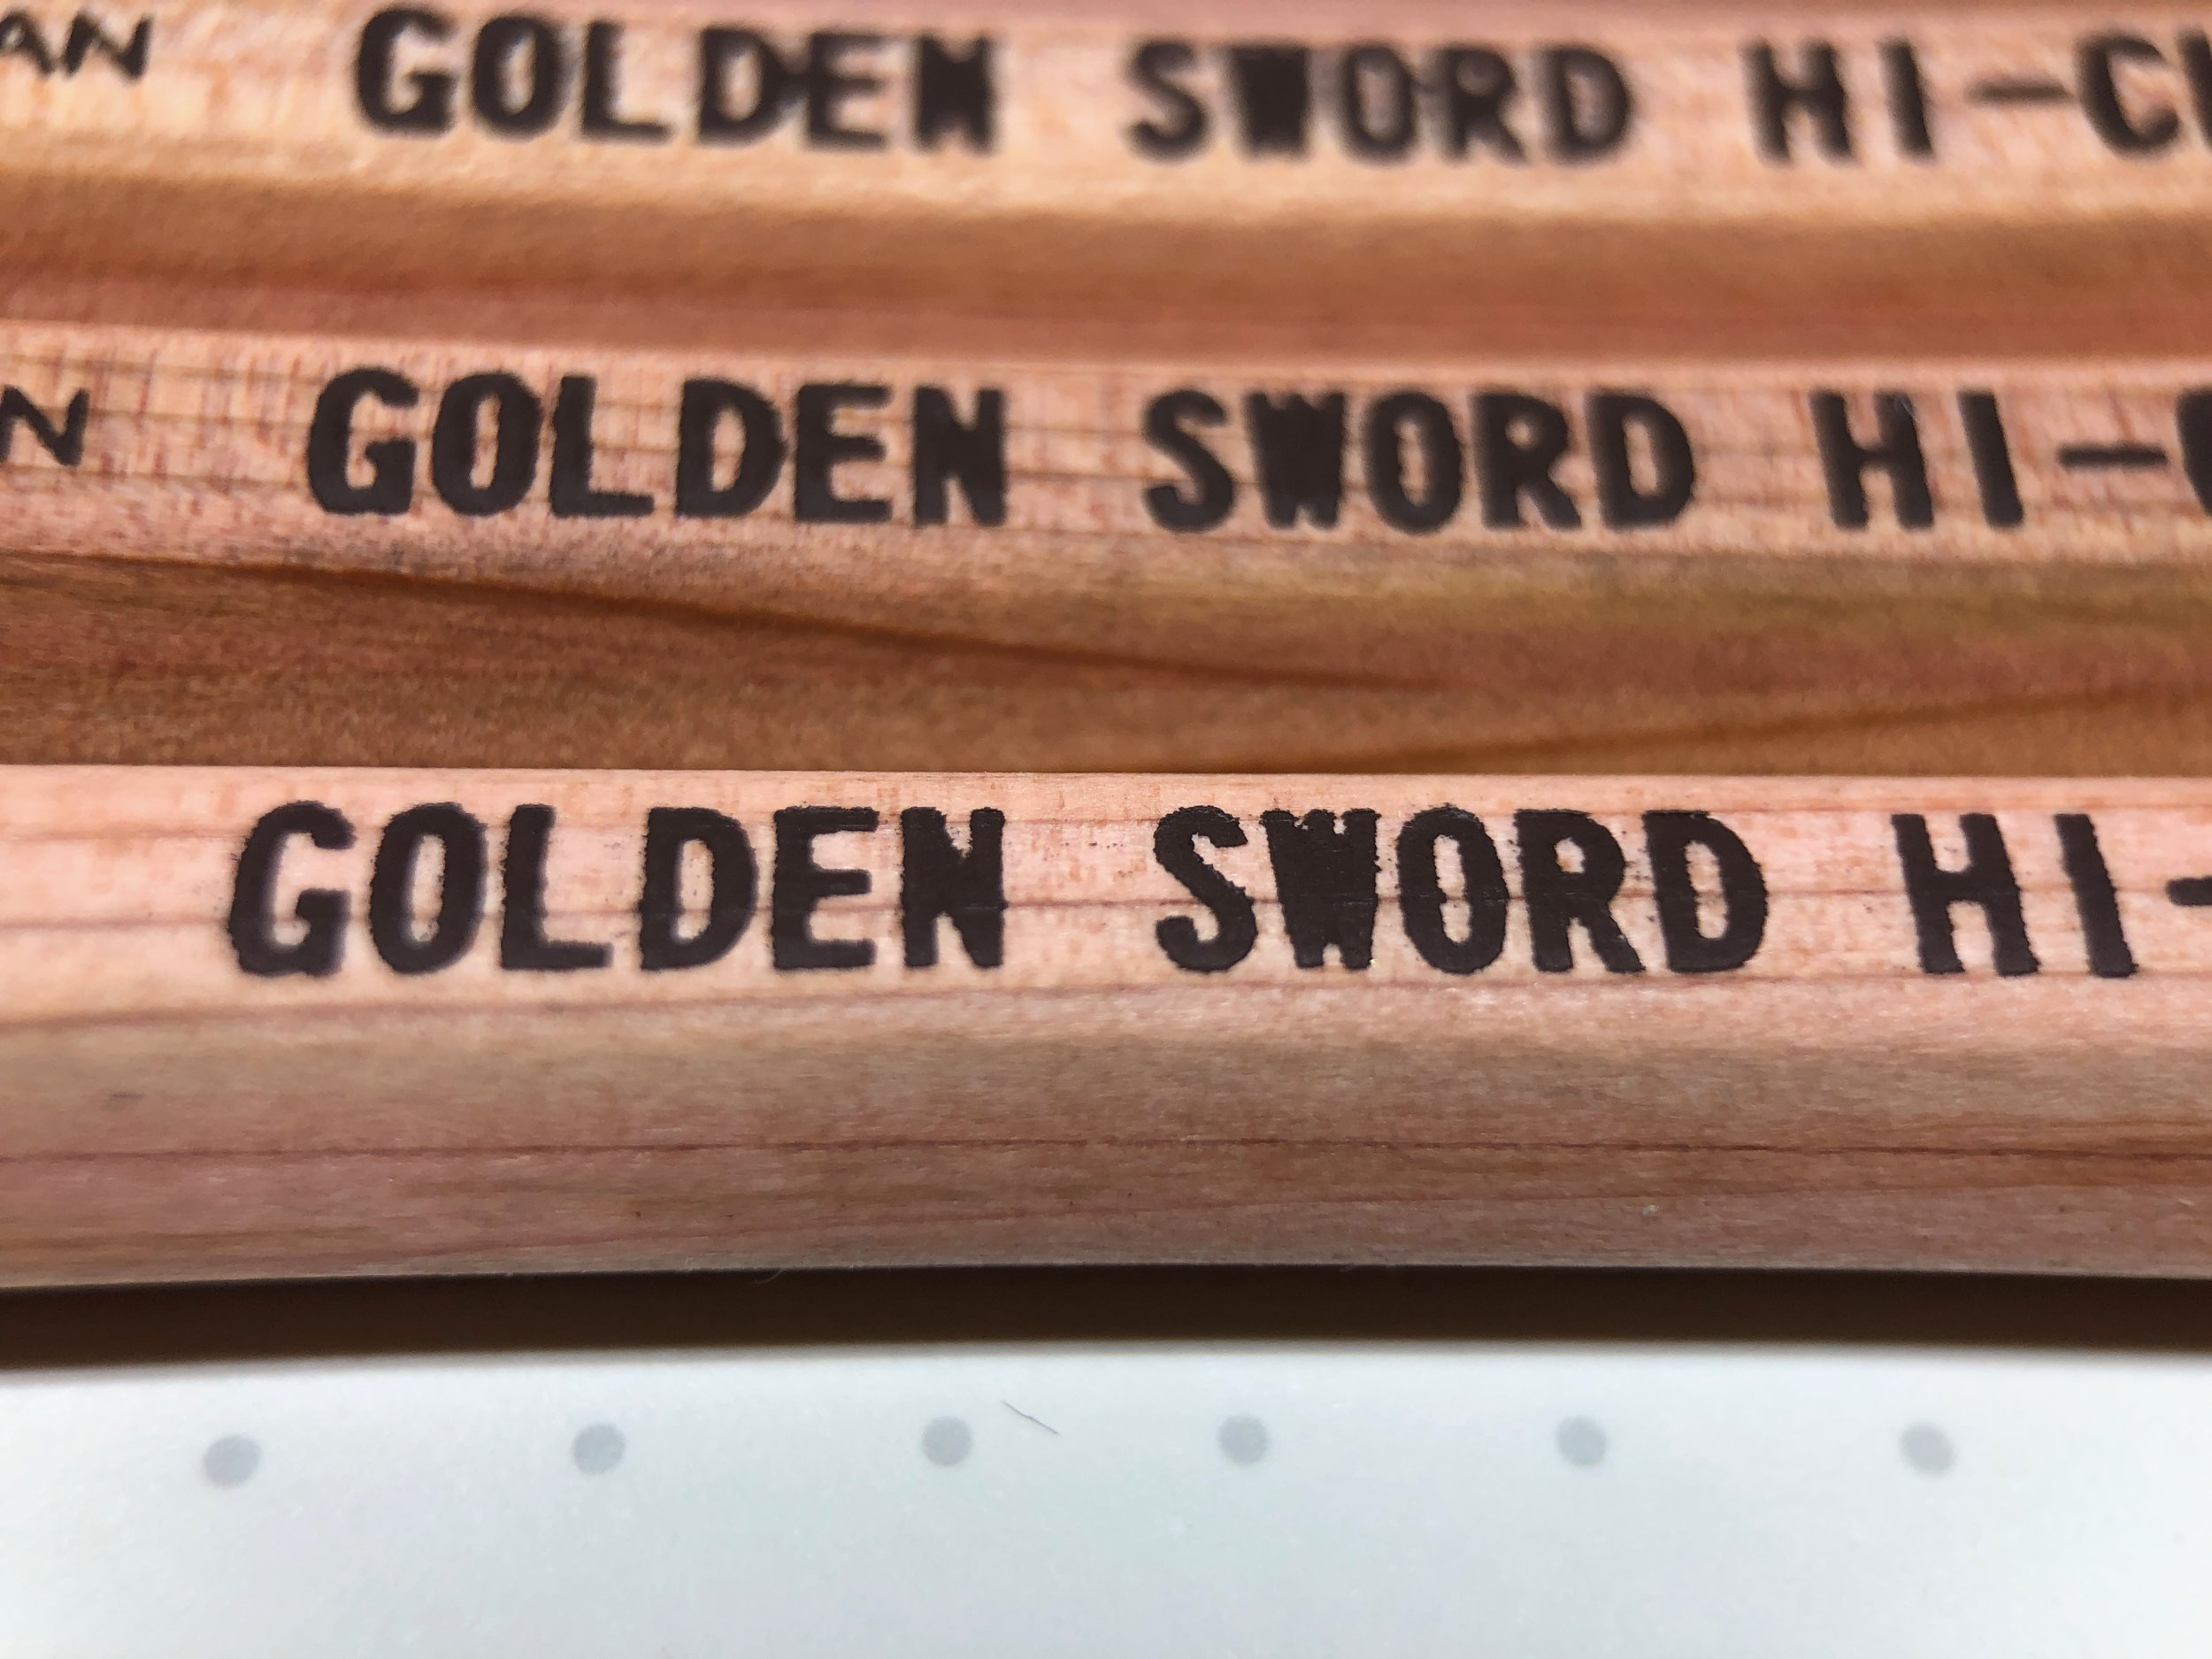 daiso-golden-sword-pencil-5.jpg